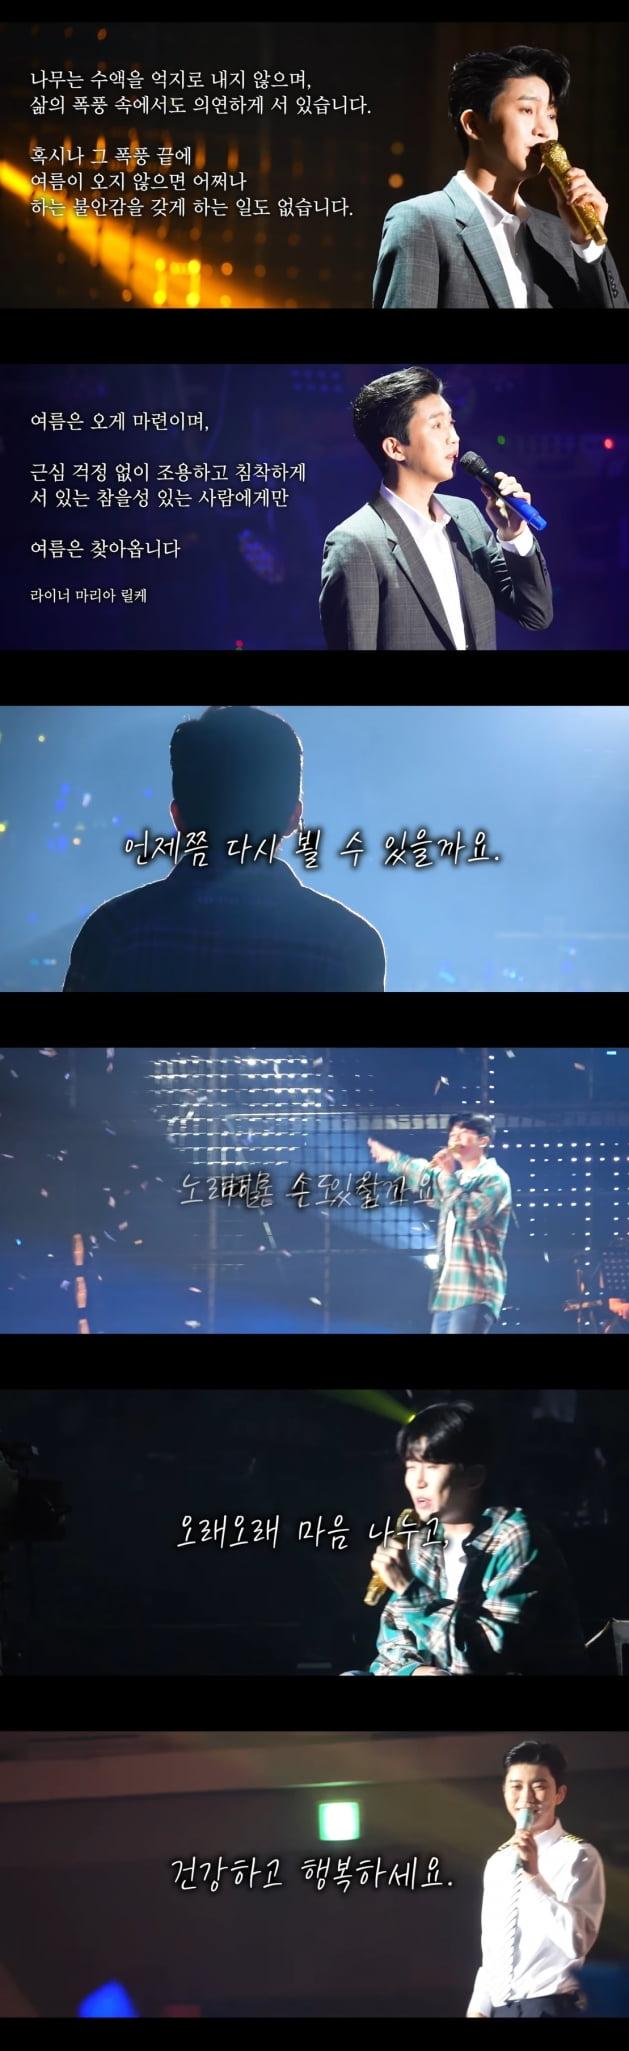 '데뷔 5주년' 임영웅, '♥' 팬들에게 건넨 편지 [종합]